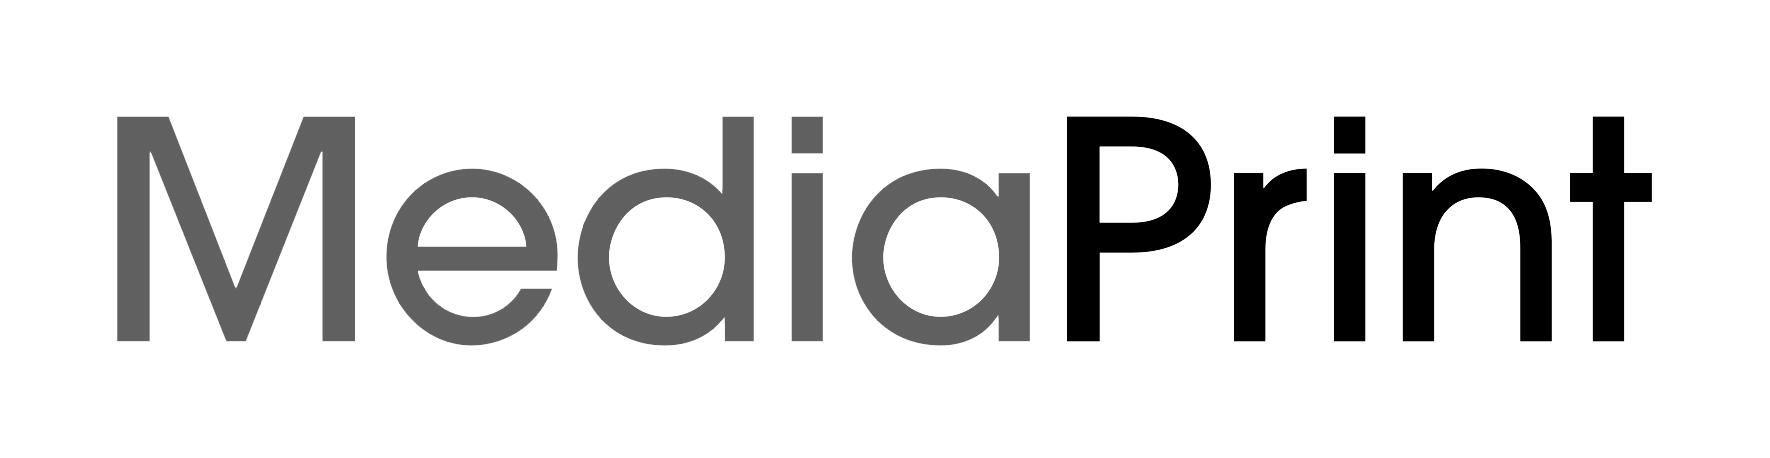 Mediaprint_logo_neu